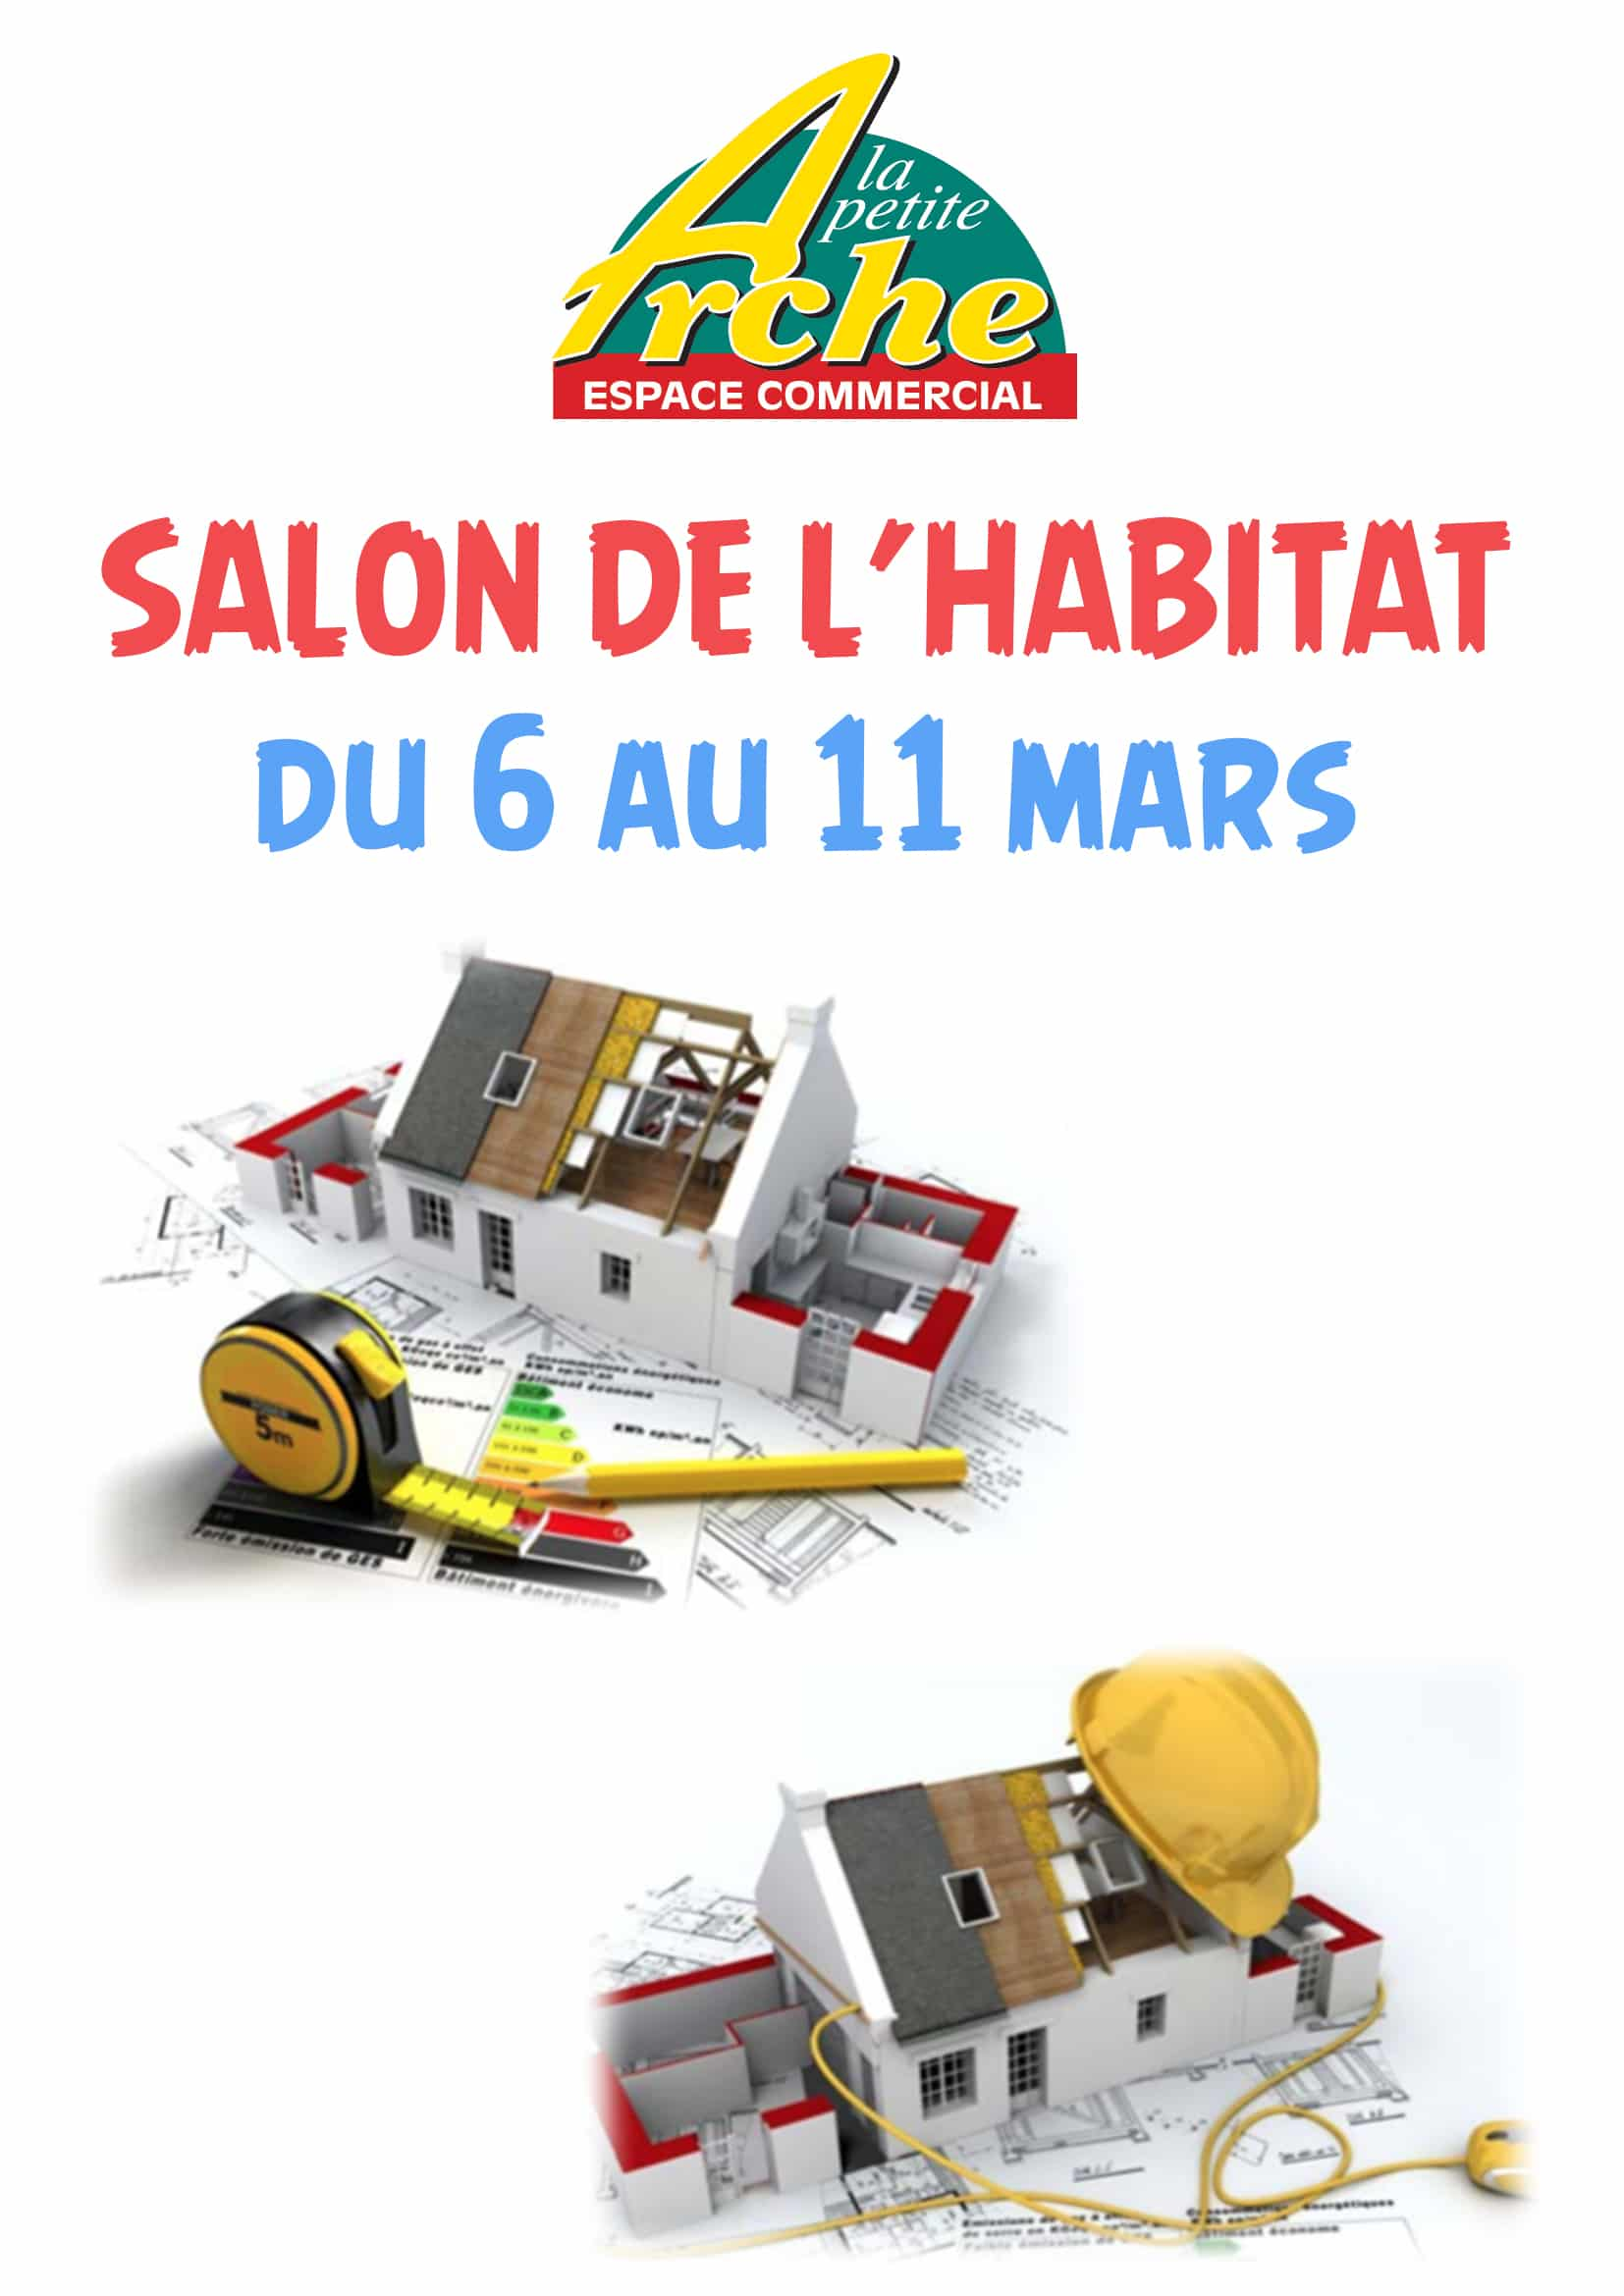 Salon de l'habitat auchan tours nord mars 2017